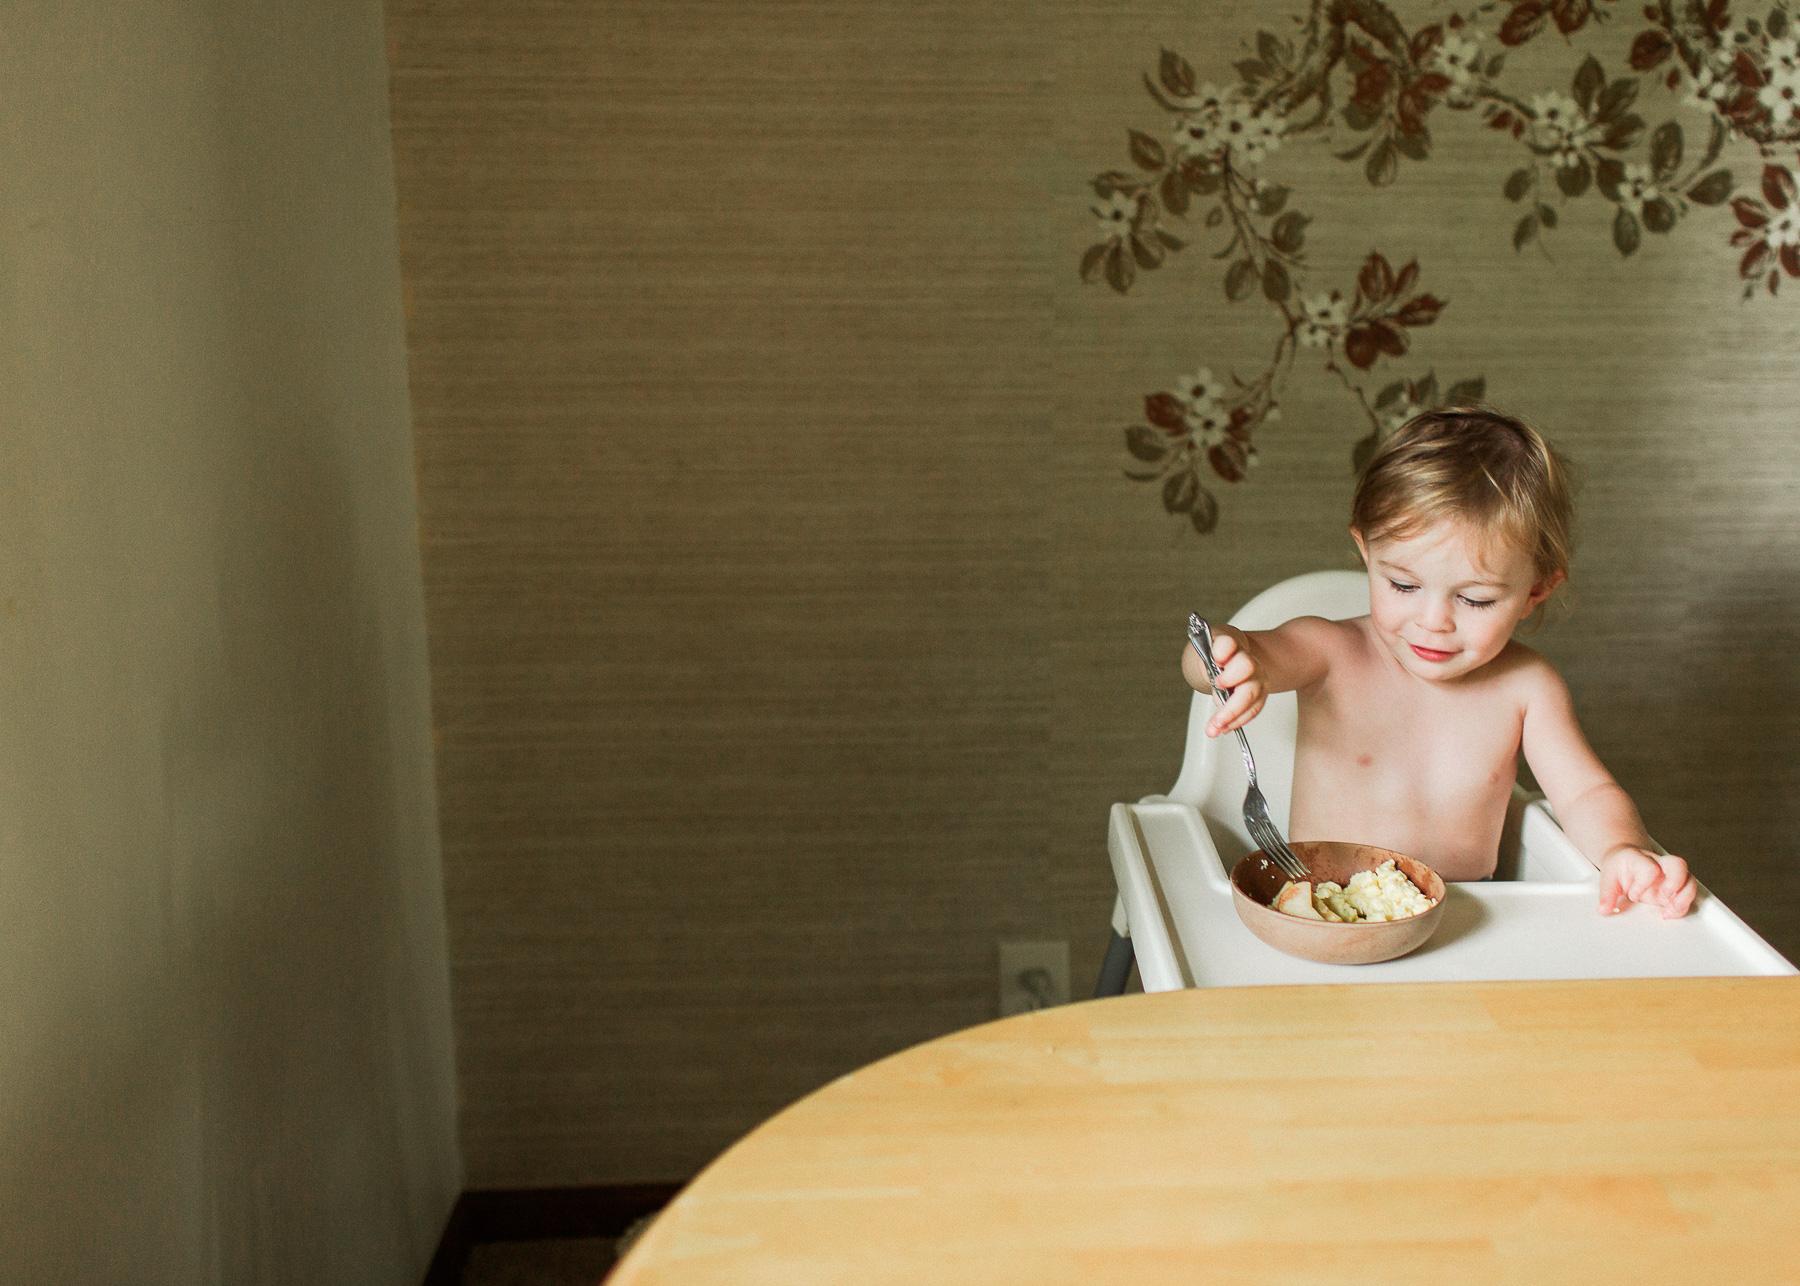 son eating breakfast